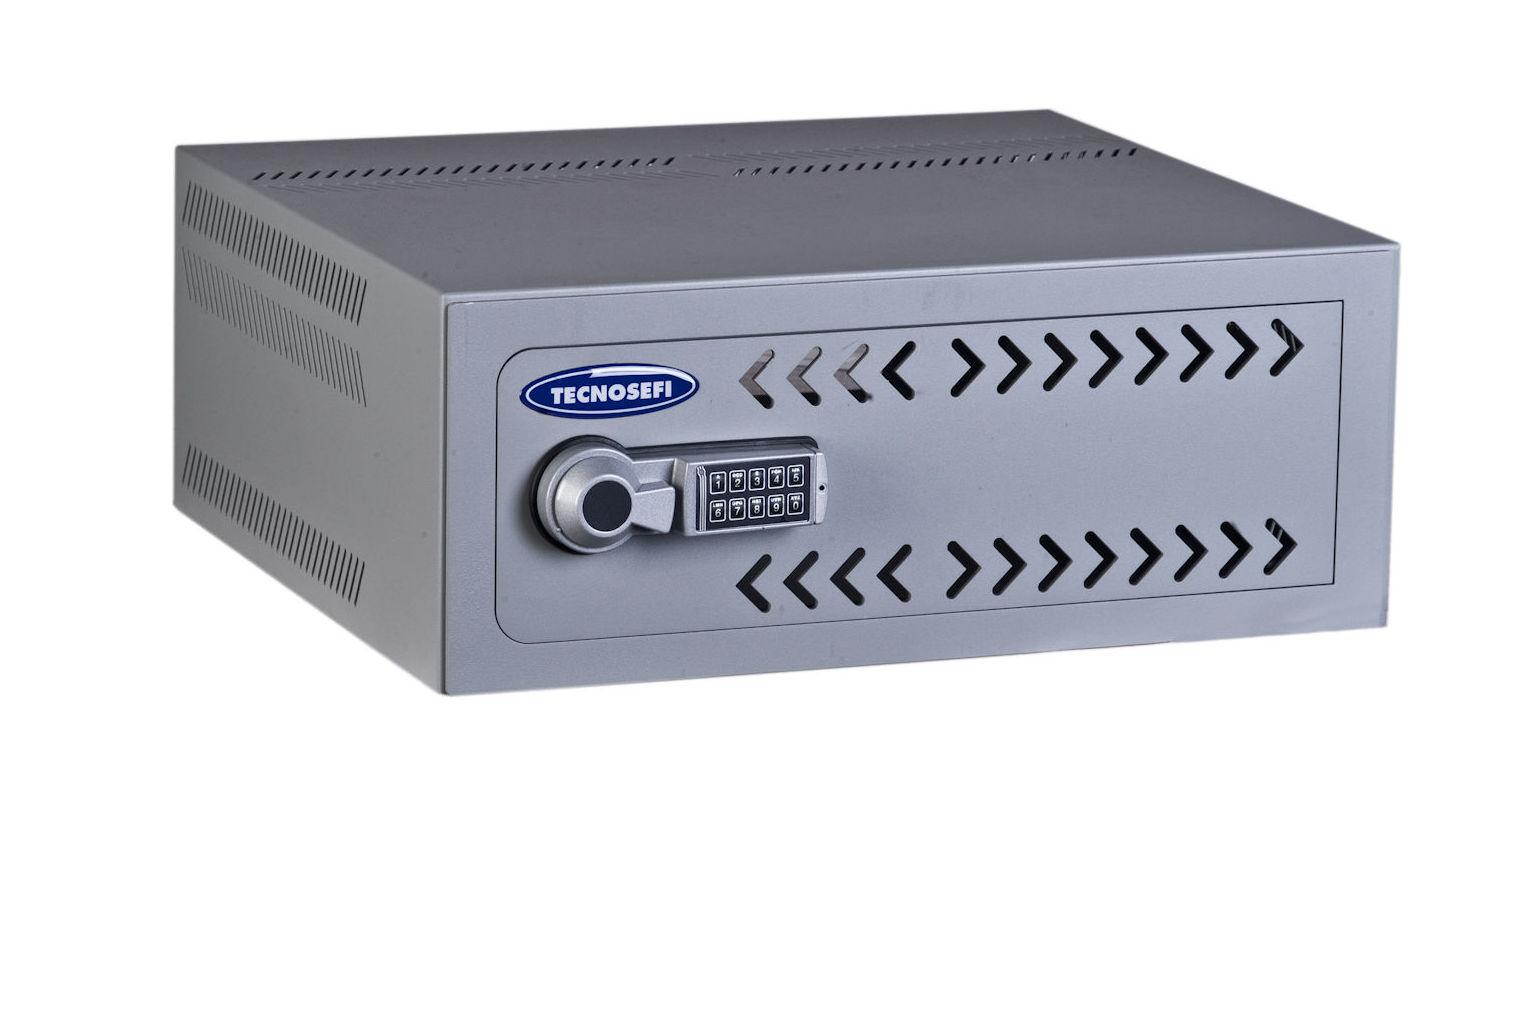 Caja videograbador Tecnosefi